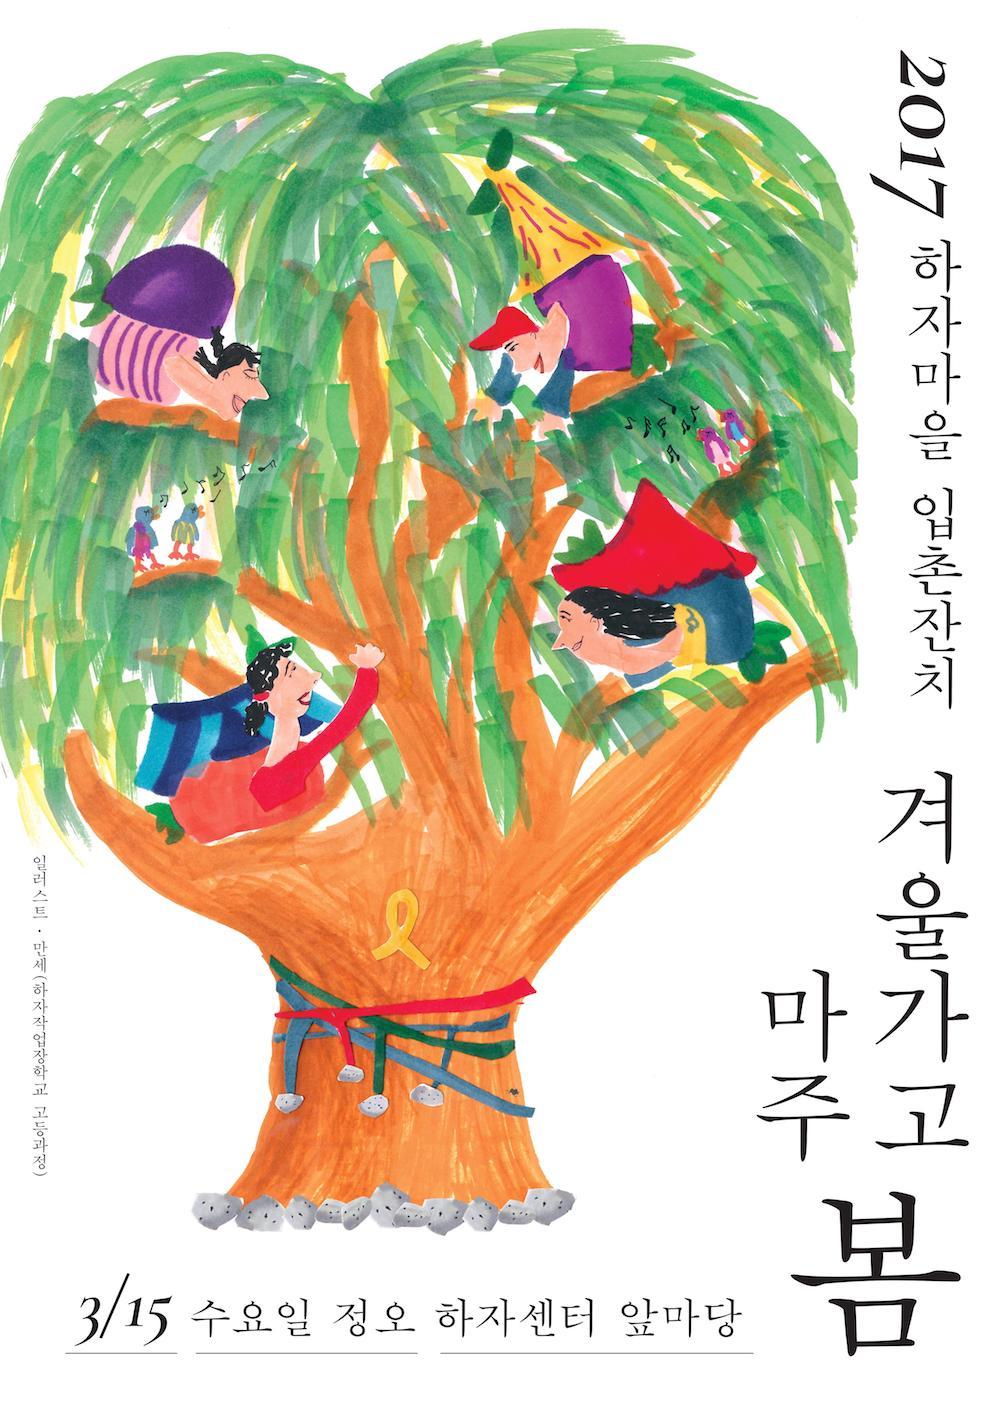 00_2017-입촌잔치-포스터.jpg